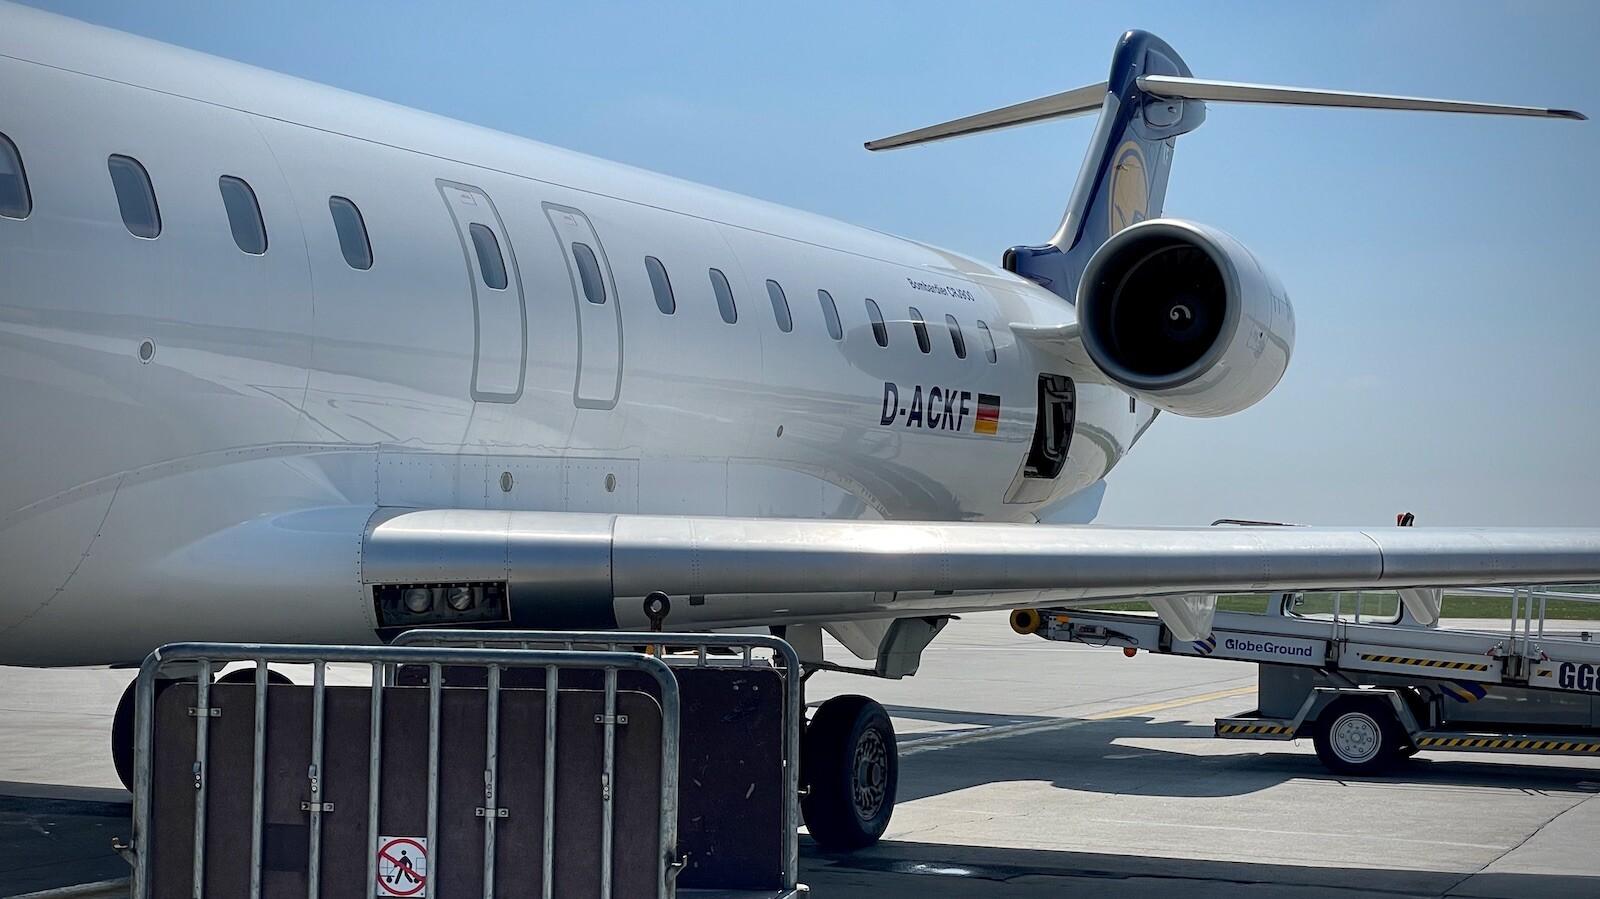 Reisen Fliegen Pandemie Corona Covid-19 Sars-CoV-2: Die Flieger sind kleiner als sonst.